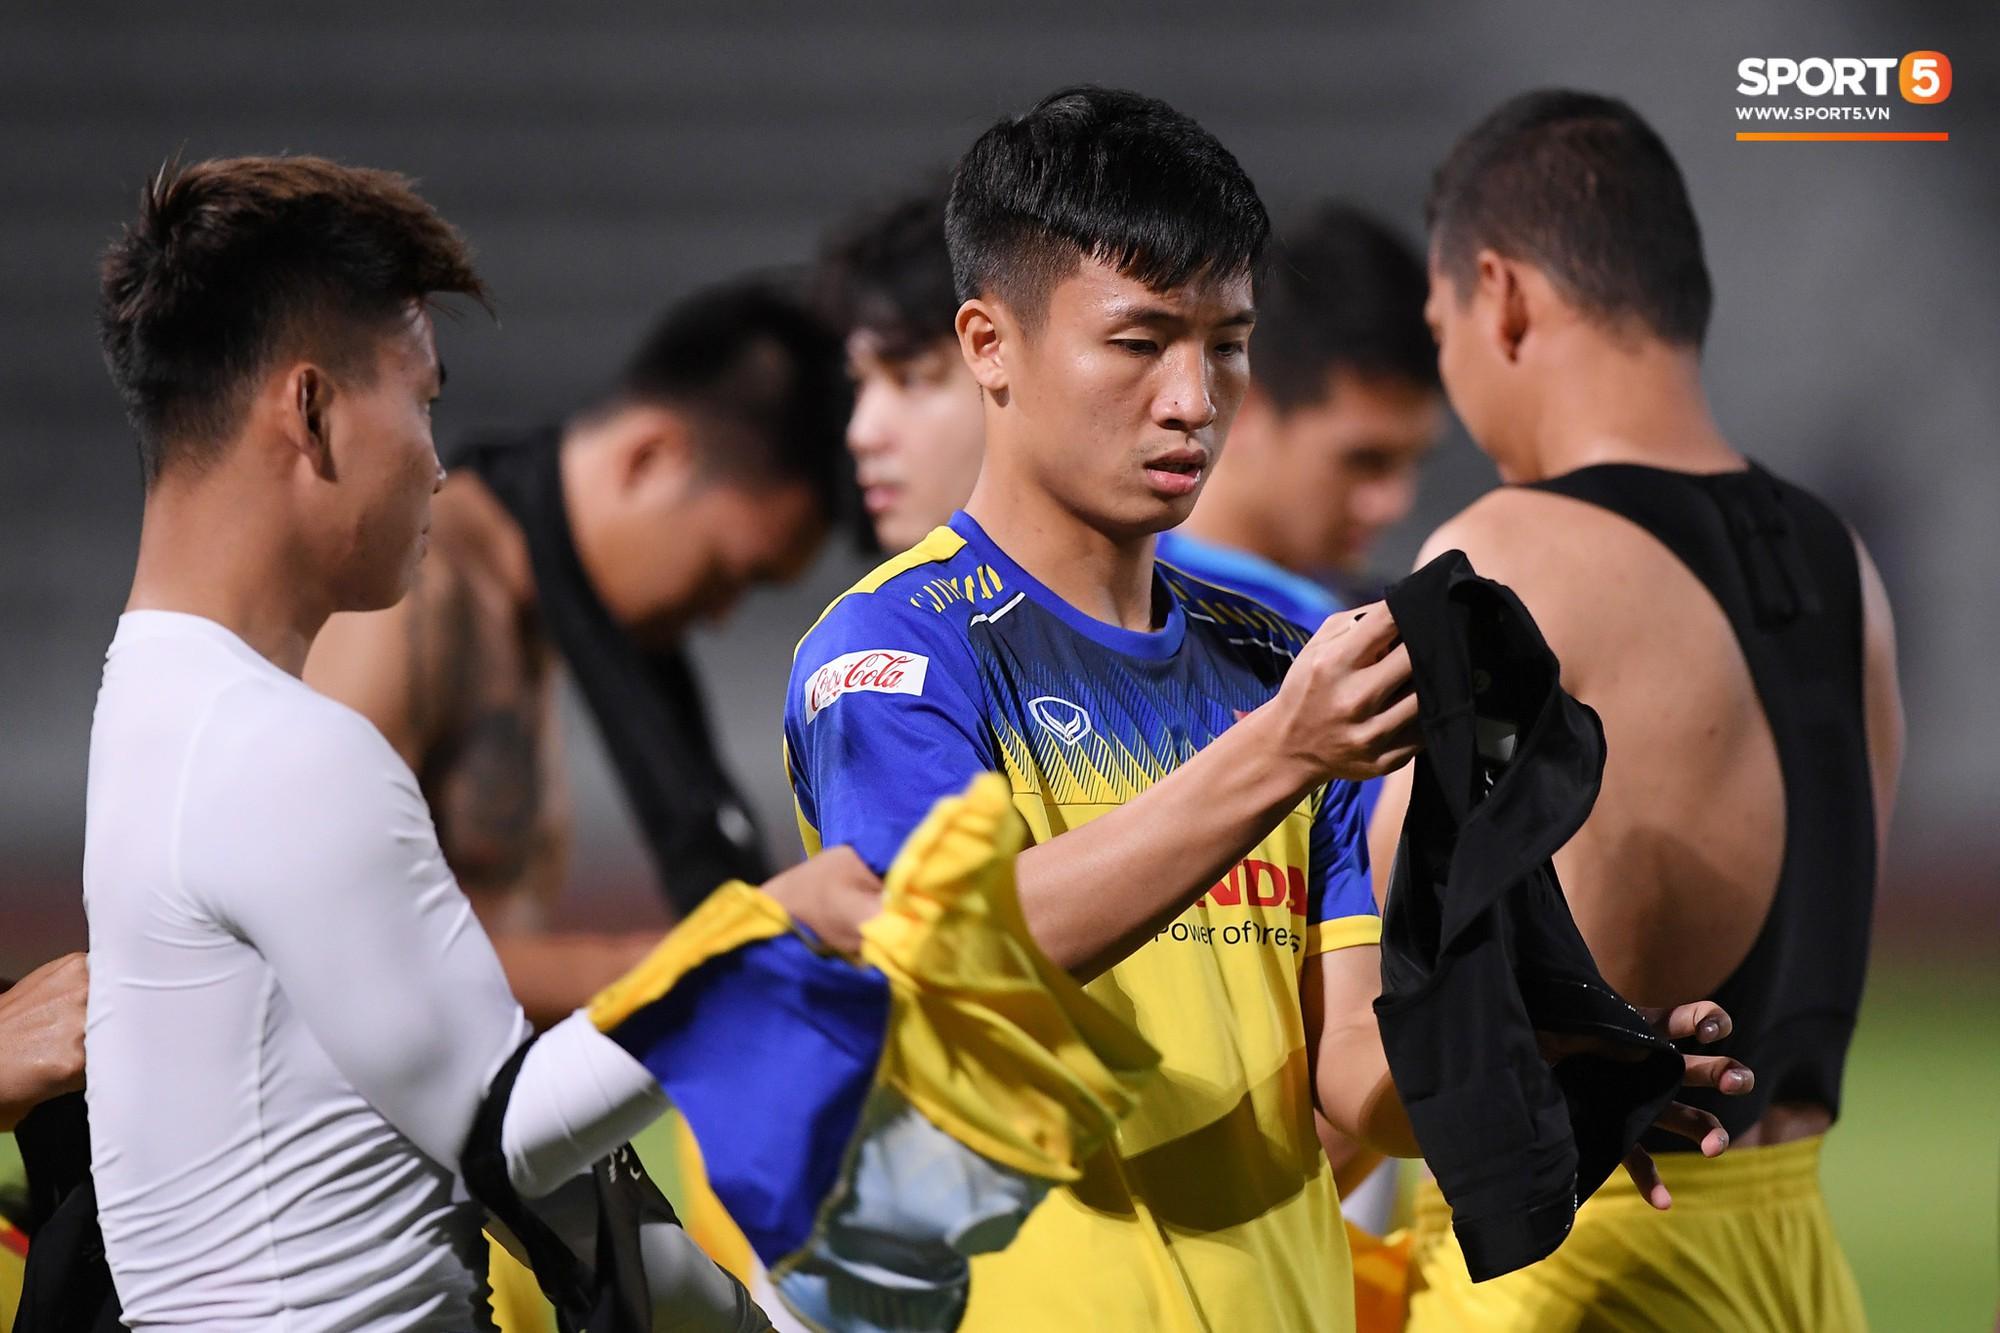 Tiết lộ hình xăm chuẩn mọt sách của Tuấn Anh trong buổi tập chuẩn bị cho chung kết Kings Cup 2019 - Ảnh 2.